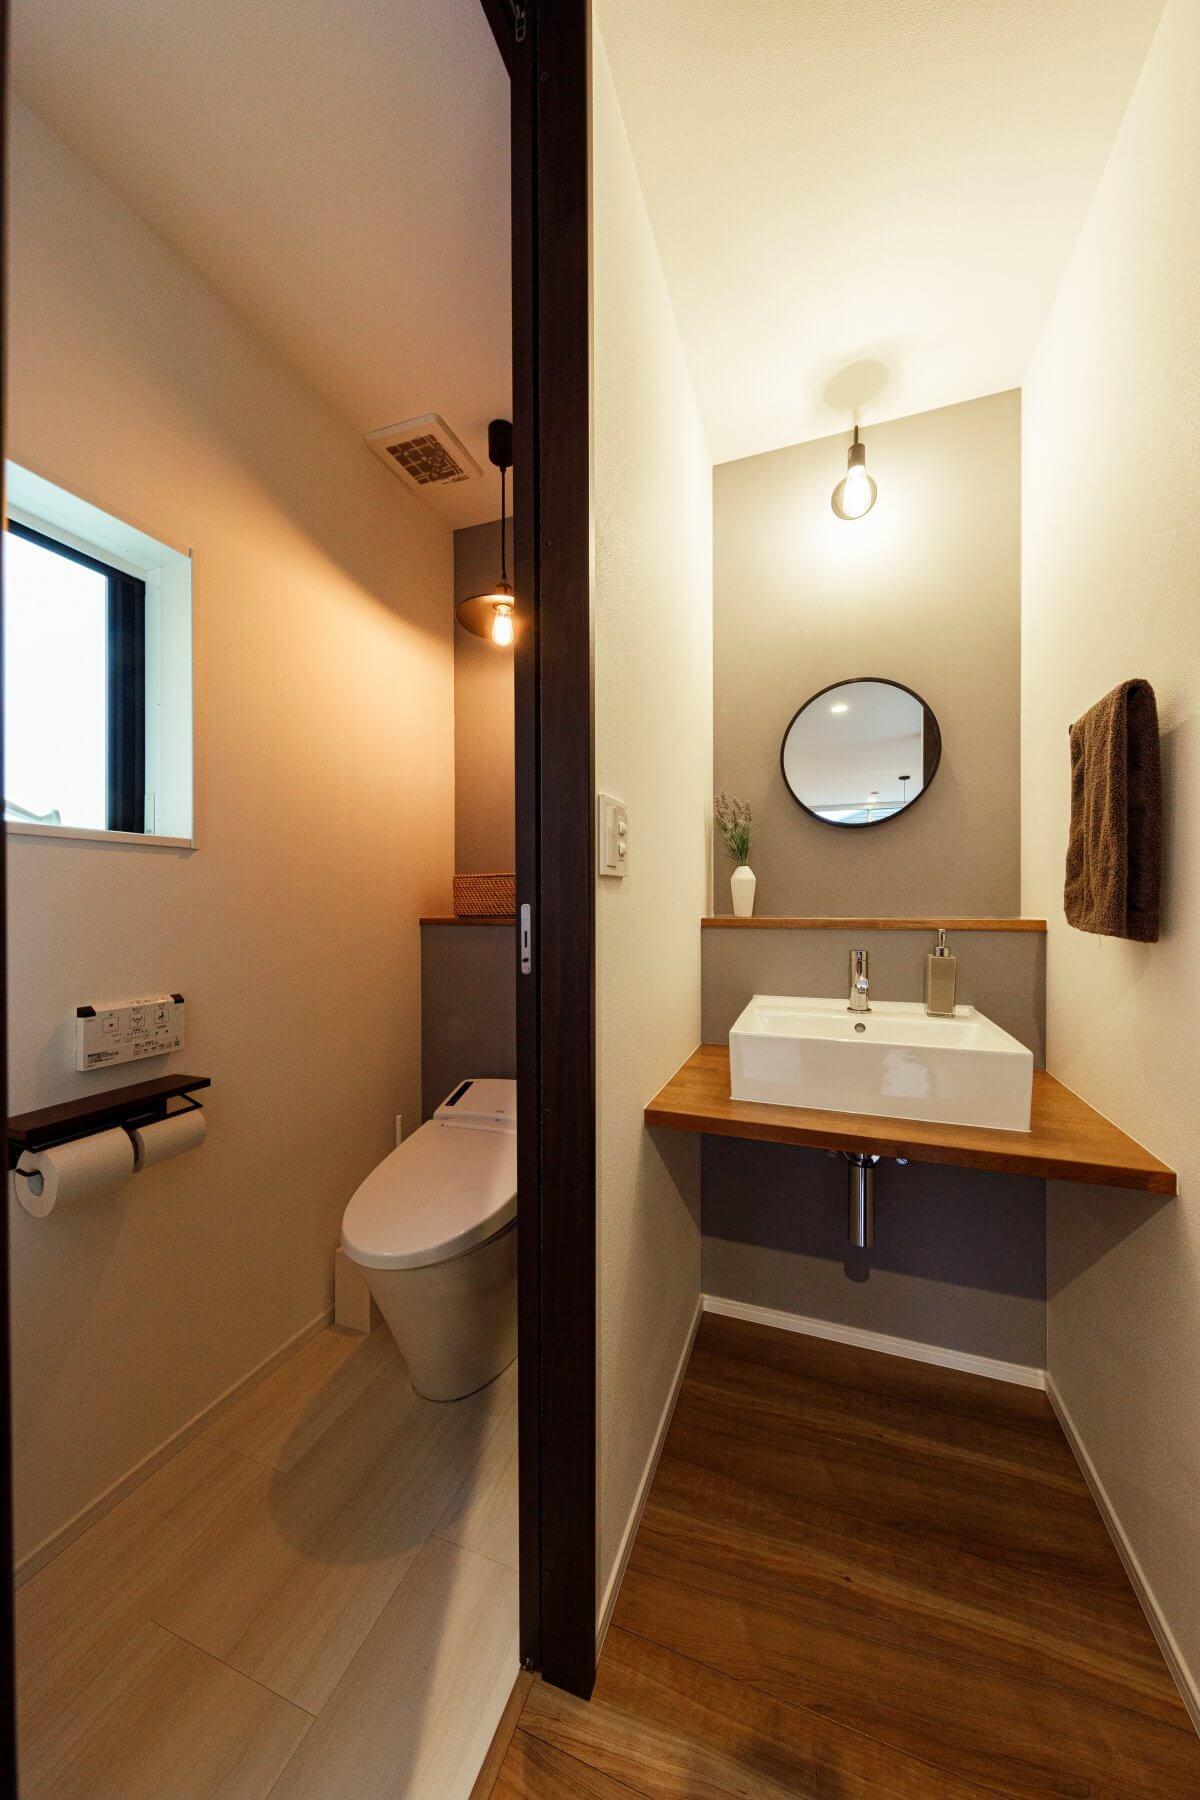 ミニマムサイズで設計したトイレ&手洗いスペース。コンパクトですが、照明や丸い鏡など、細部にわたりデザインにこだわりながら仕上げています。